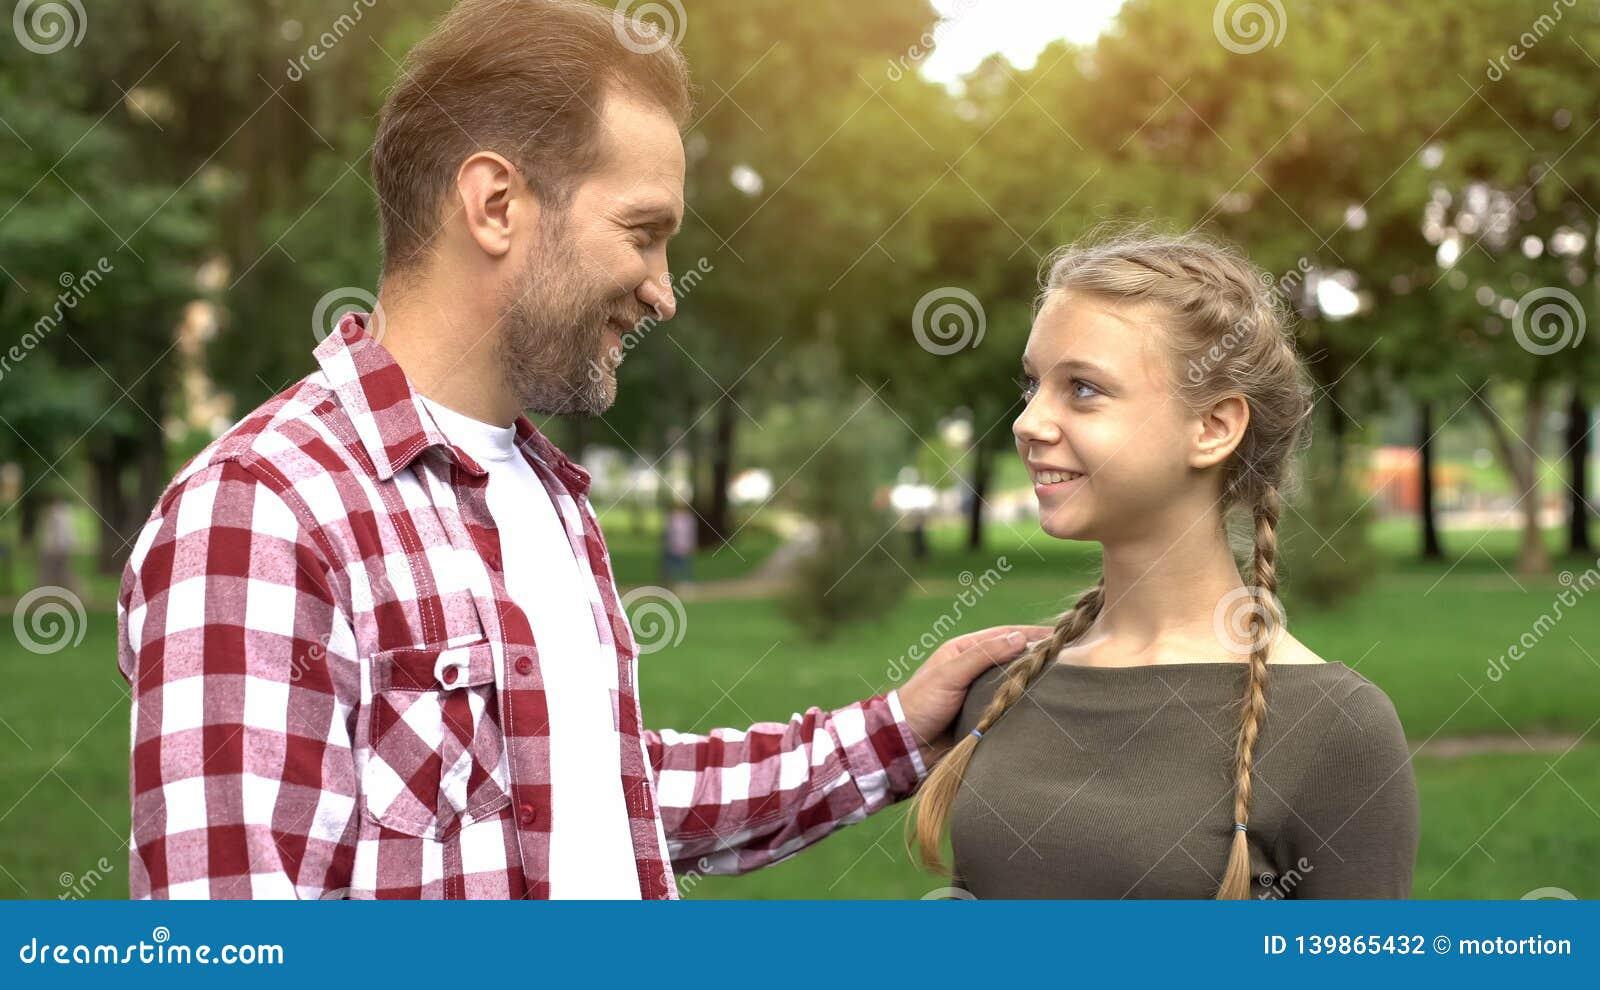 Υπερήφανος πατέρας που εξετάζει την κόρη, που συγχαίρει με την πανεπιστημιακή είσοδο, επιτυχία